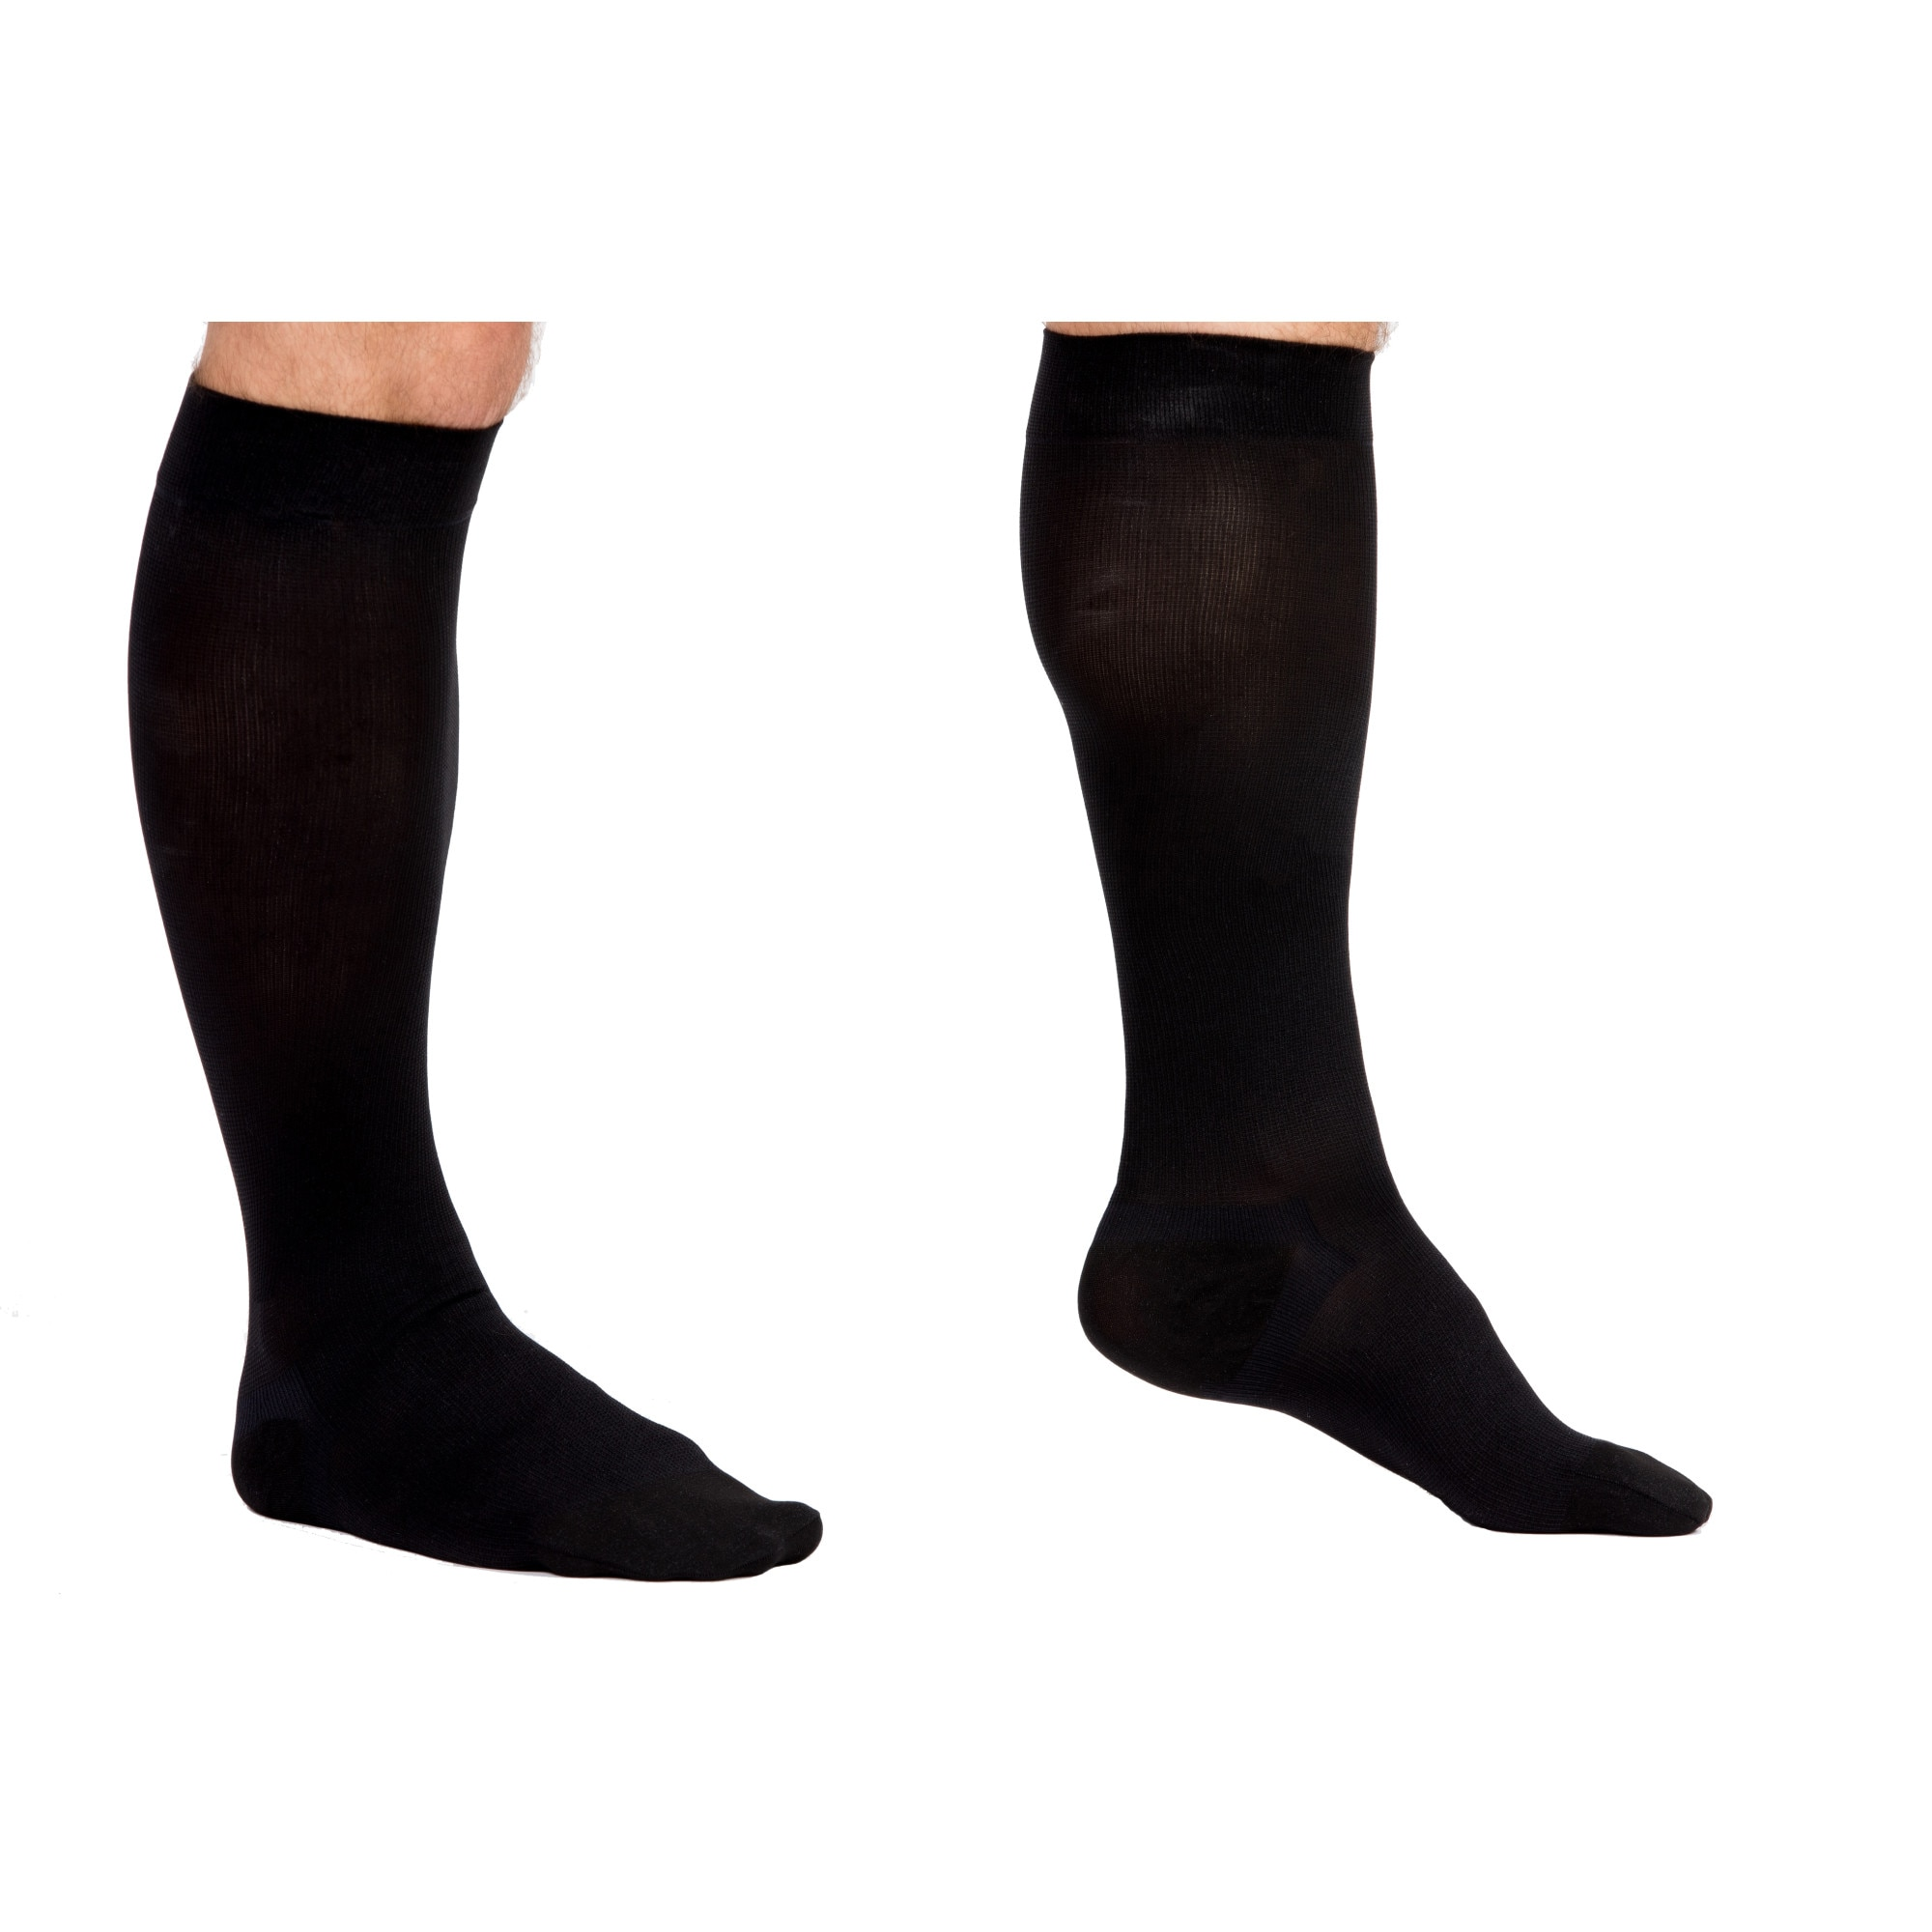 ciorapi de la bărbați varicoși să cumpere)